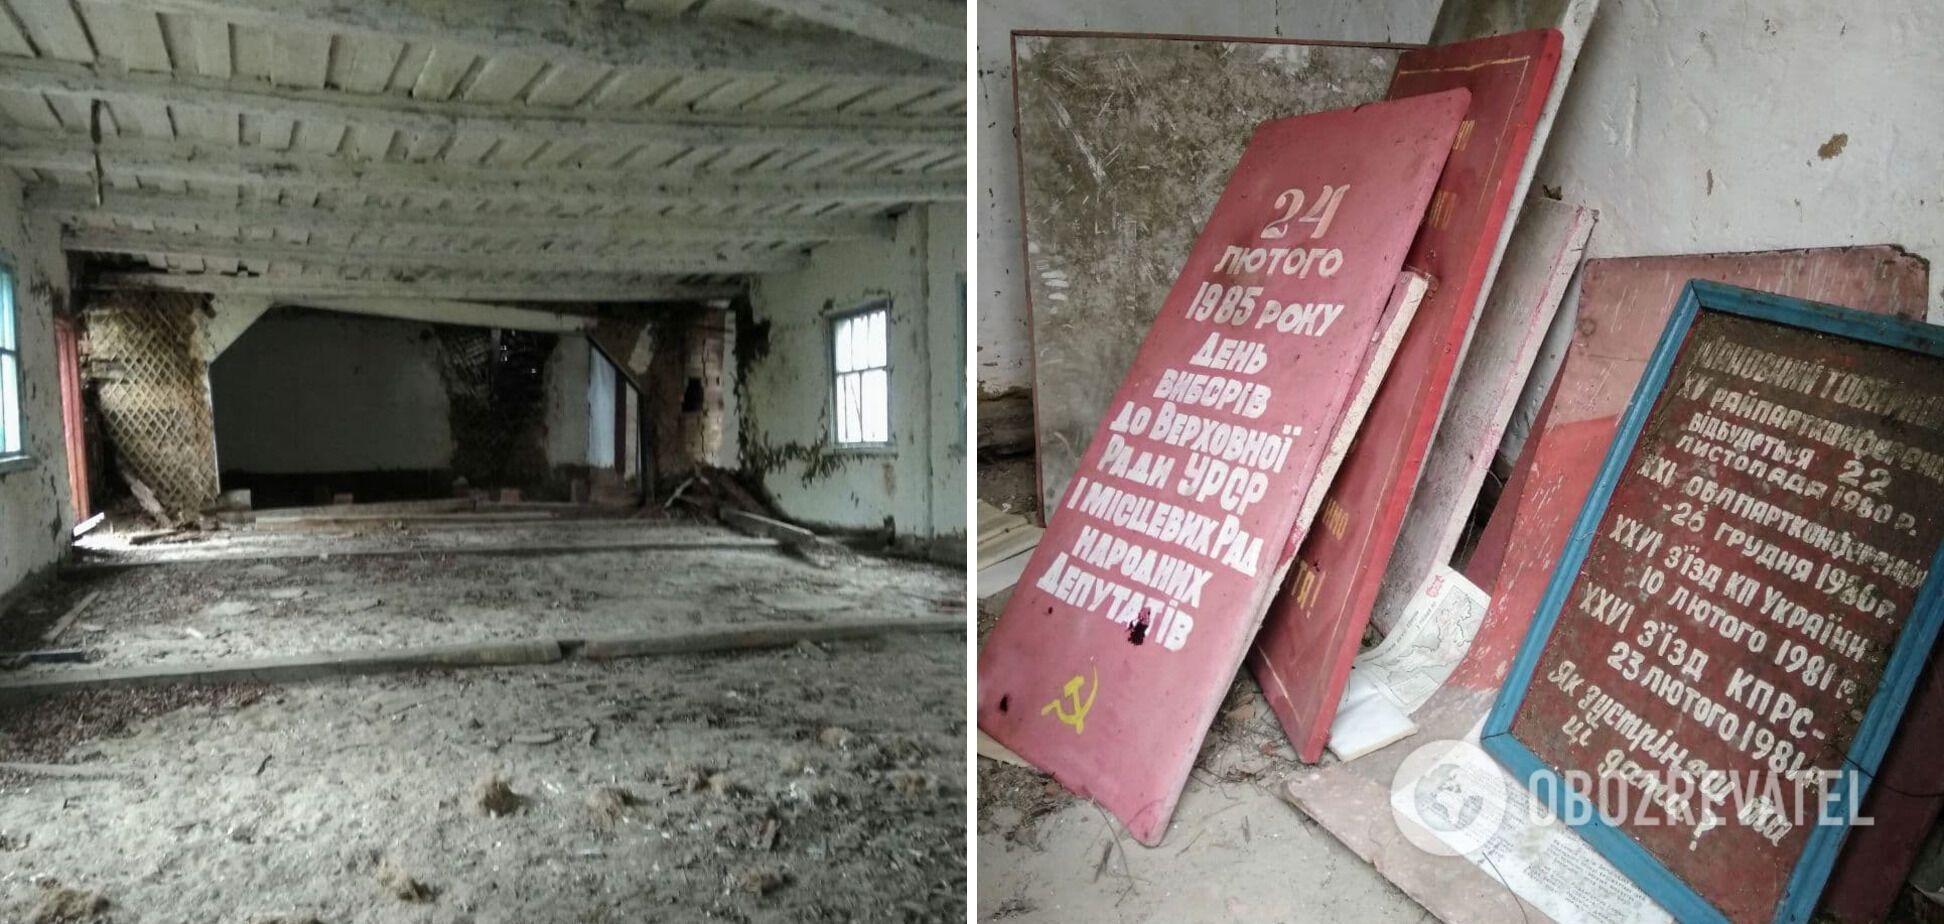 Так нині виглядають сцена і зал клубу в Звіздалі; залишки радянської агітації там же